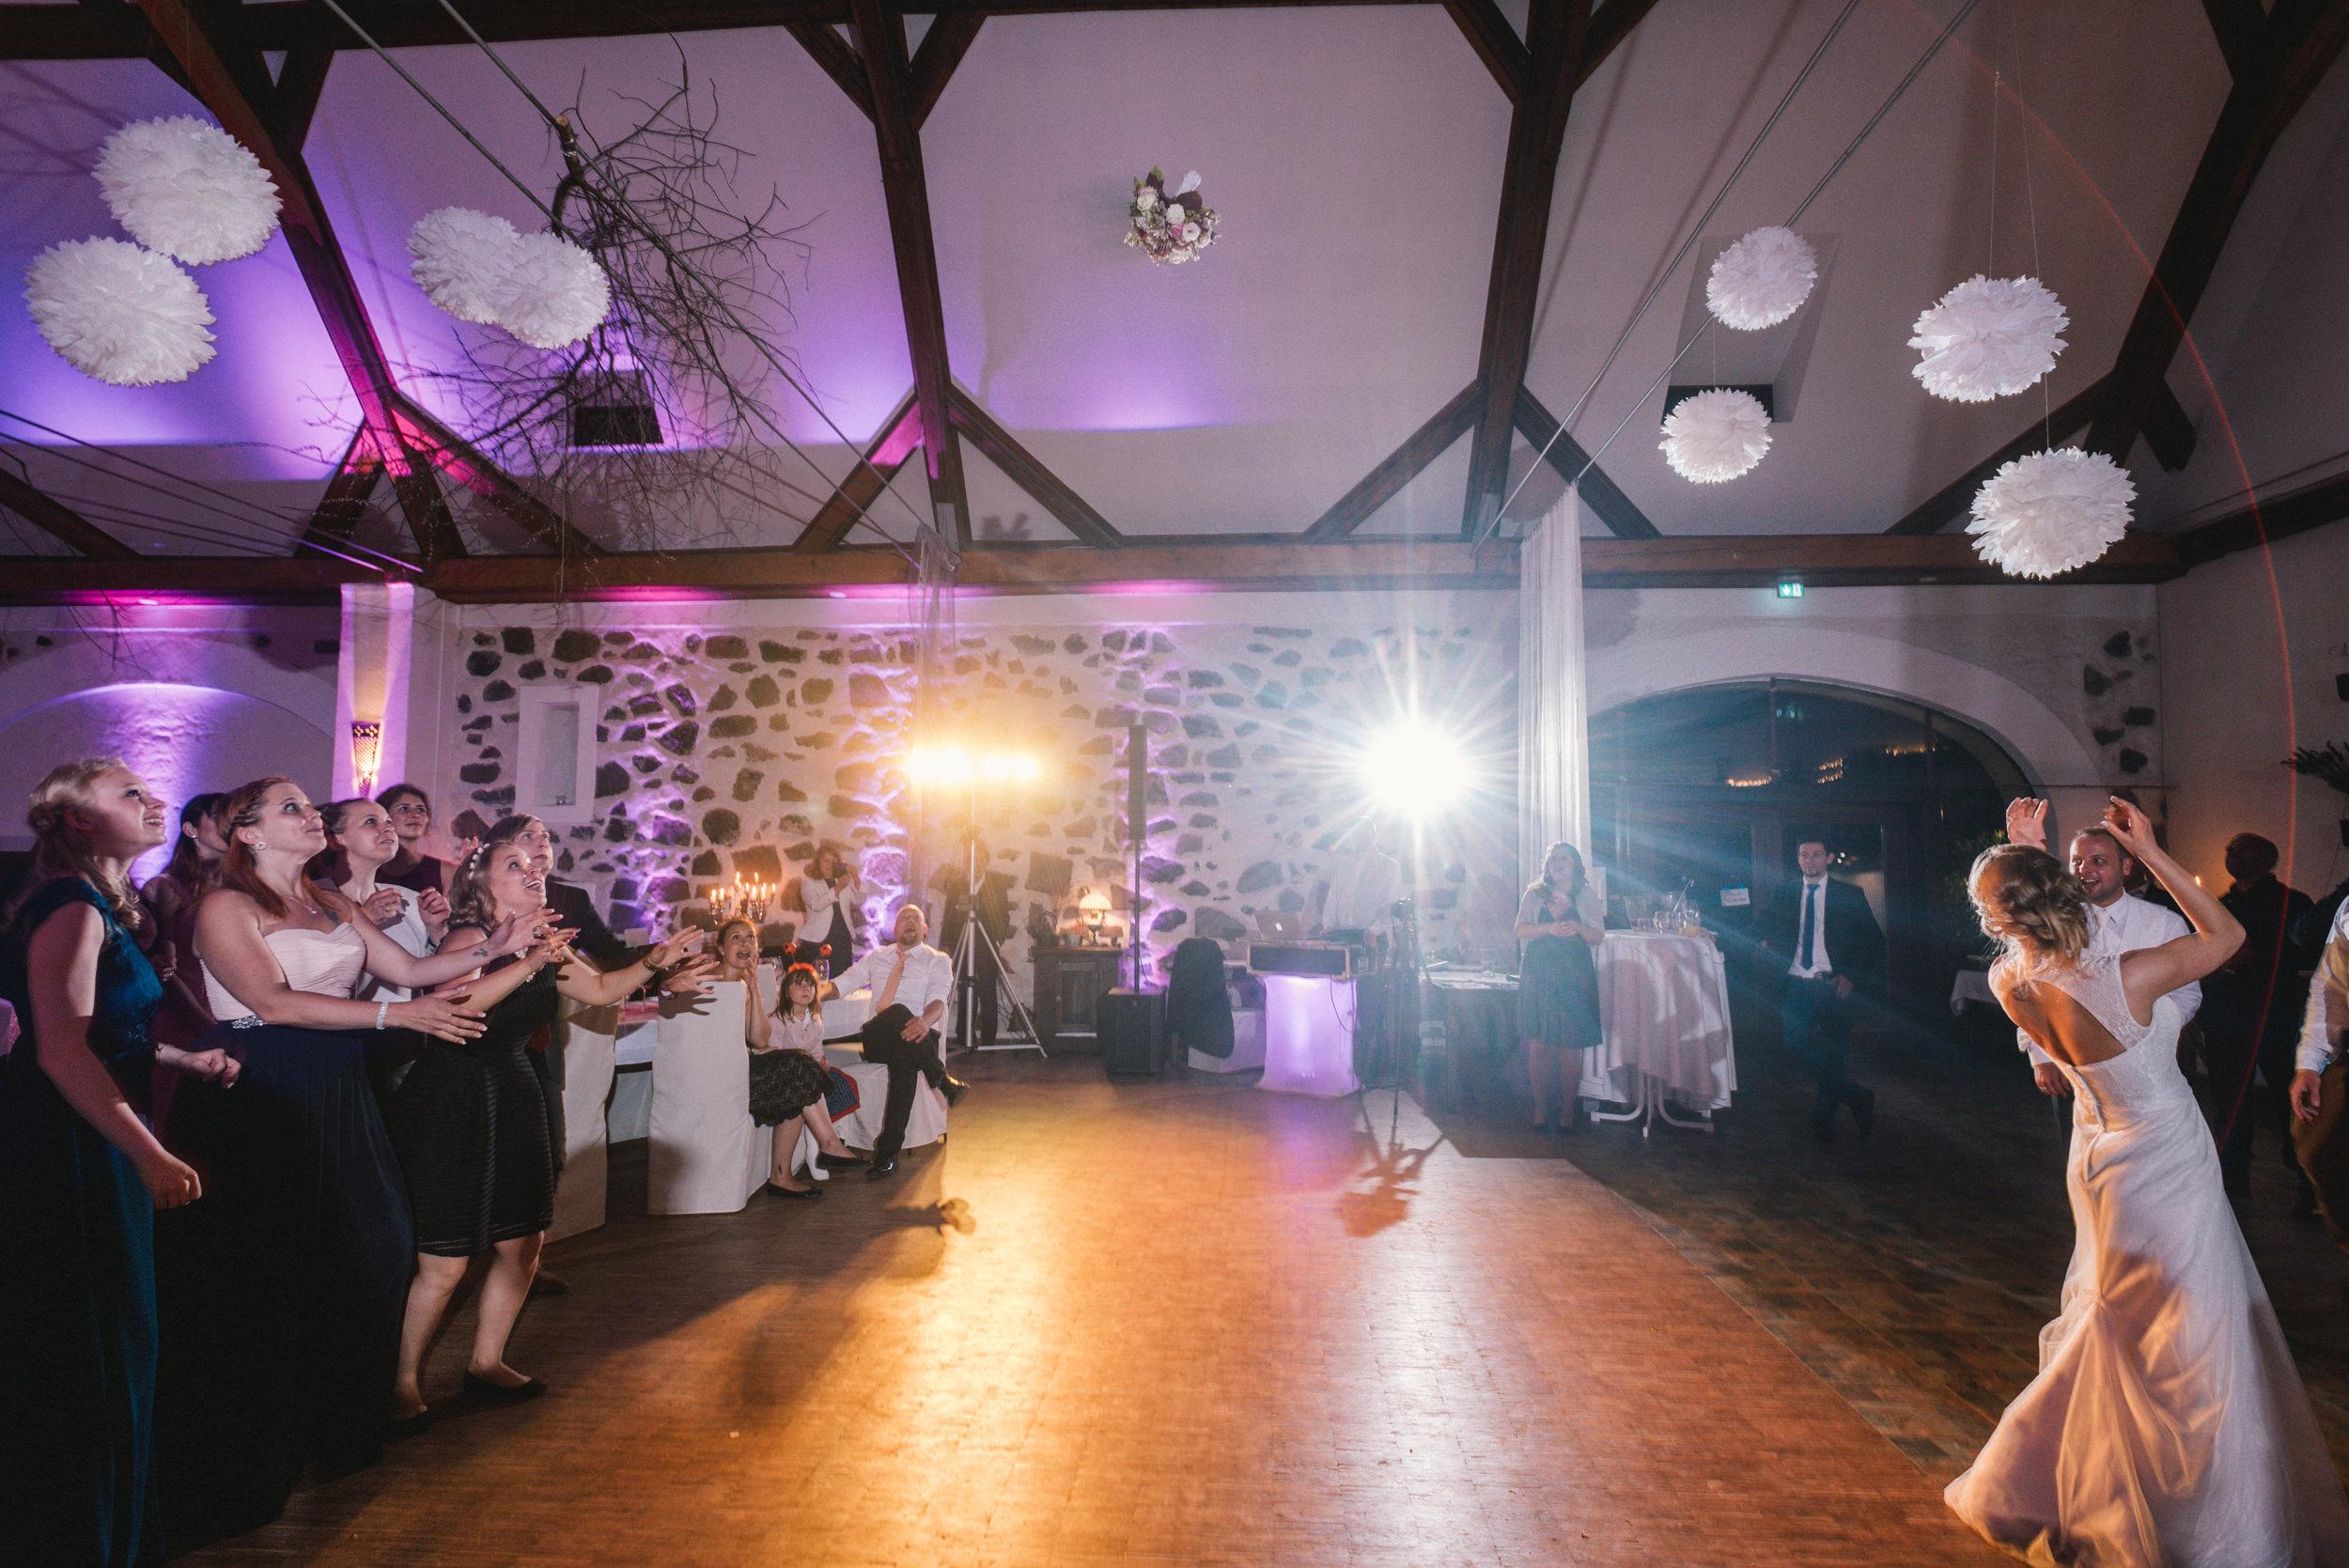 Paul_Glaser_Hochzeitsfotograf-18